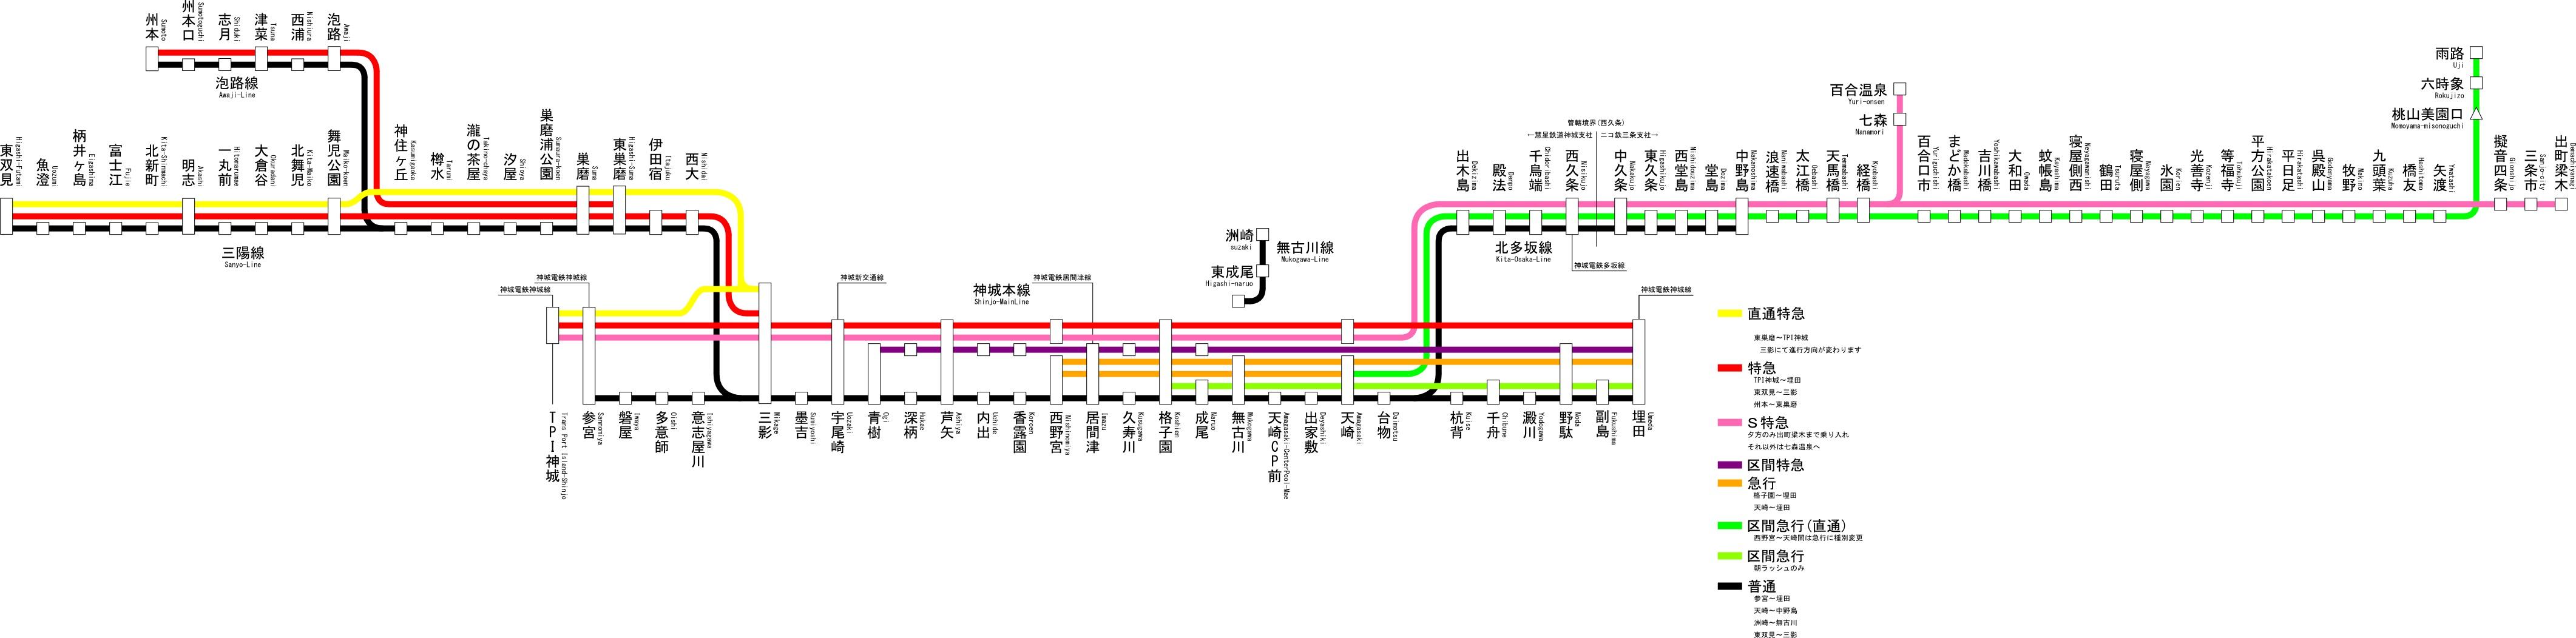 慧星鉄道神城支社第三期路線図_2.jpg